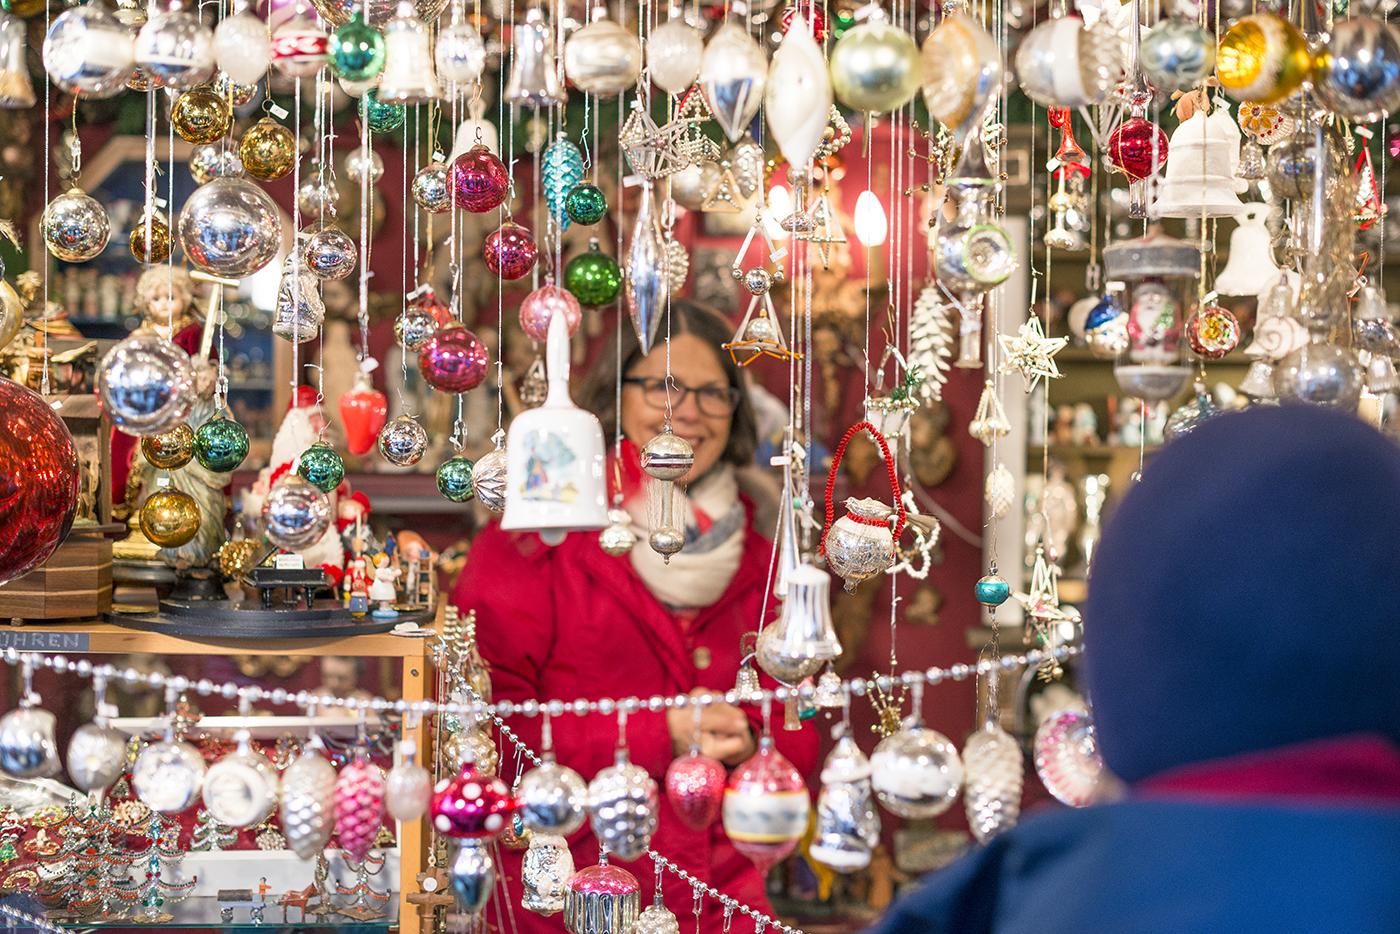 Максимилианштрассе, Виктуалиенмаркт, Мариенплатц, Новая ратуша Мюнхен, Старая ратуша Мюнхен, Christmas market, Bavaria, annamidday, анна миддэй, анна мидей, тревел блогер, русский тревел блогер, лучший блогер, лучший российский блогер, рождество в европе, рождественские базары мюнхена, рождественские базары европы, лучшие рождественские базары, inspiration, top fashion blogger, top russian fashion blogger, фэшн блогер, русский блогер, известный блогер, топовый блогер, russian bloger, top russian blogger, russian fashion blogger, blogger, российский блогер, ТОП блогер, популярный блогер, российский тревел блогер, блог о путешествиях, лучший блог о путешествиях, russian girl, brenner grill, «Хофбройхаус», ресторан пивная «Хофбройхаус», бронзовый кабан мюнхен, Hirmer Мюнхен, Munich, достопримечательности Мюнхена, что посмотреть в Мюнхене, куда сходить в Мюнхене, лучшие рестораны Мюнхена